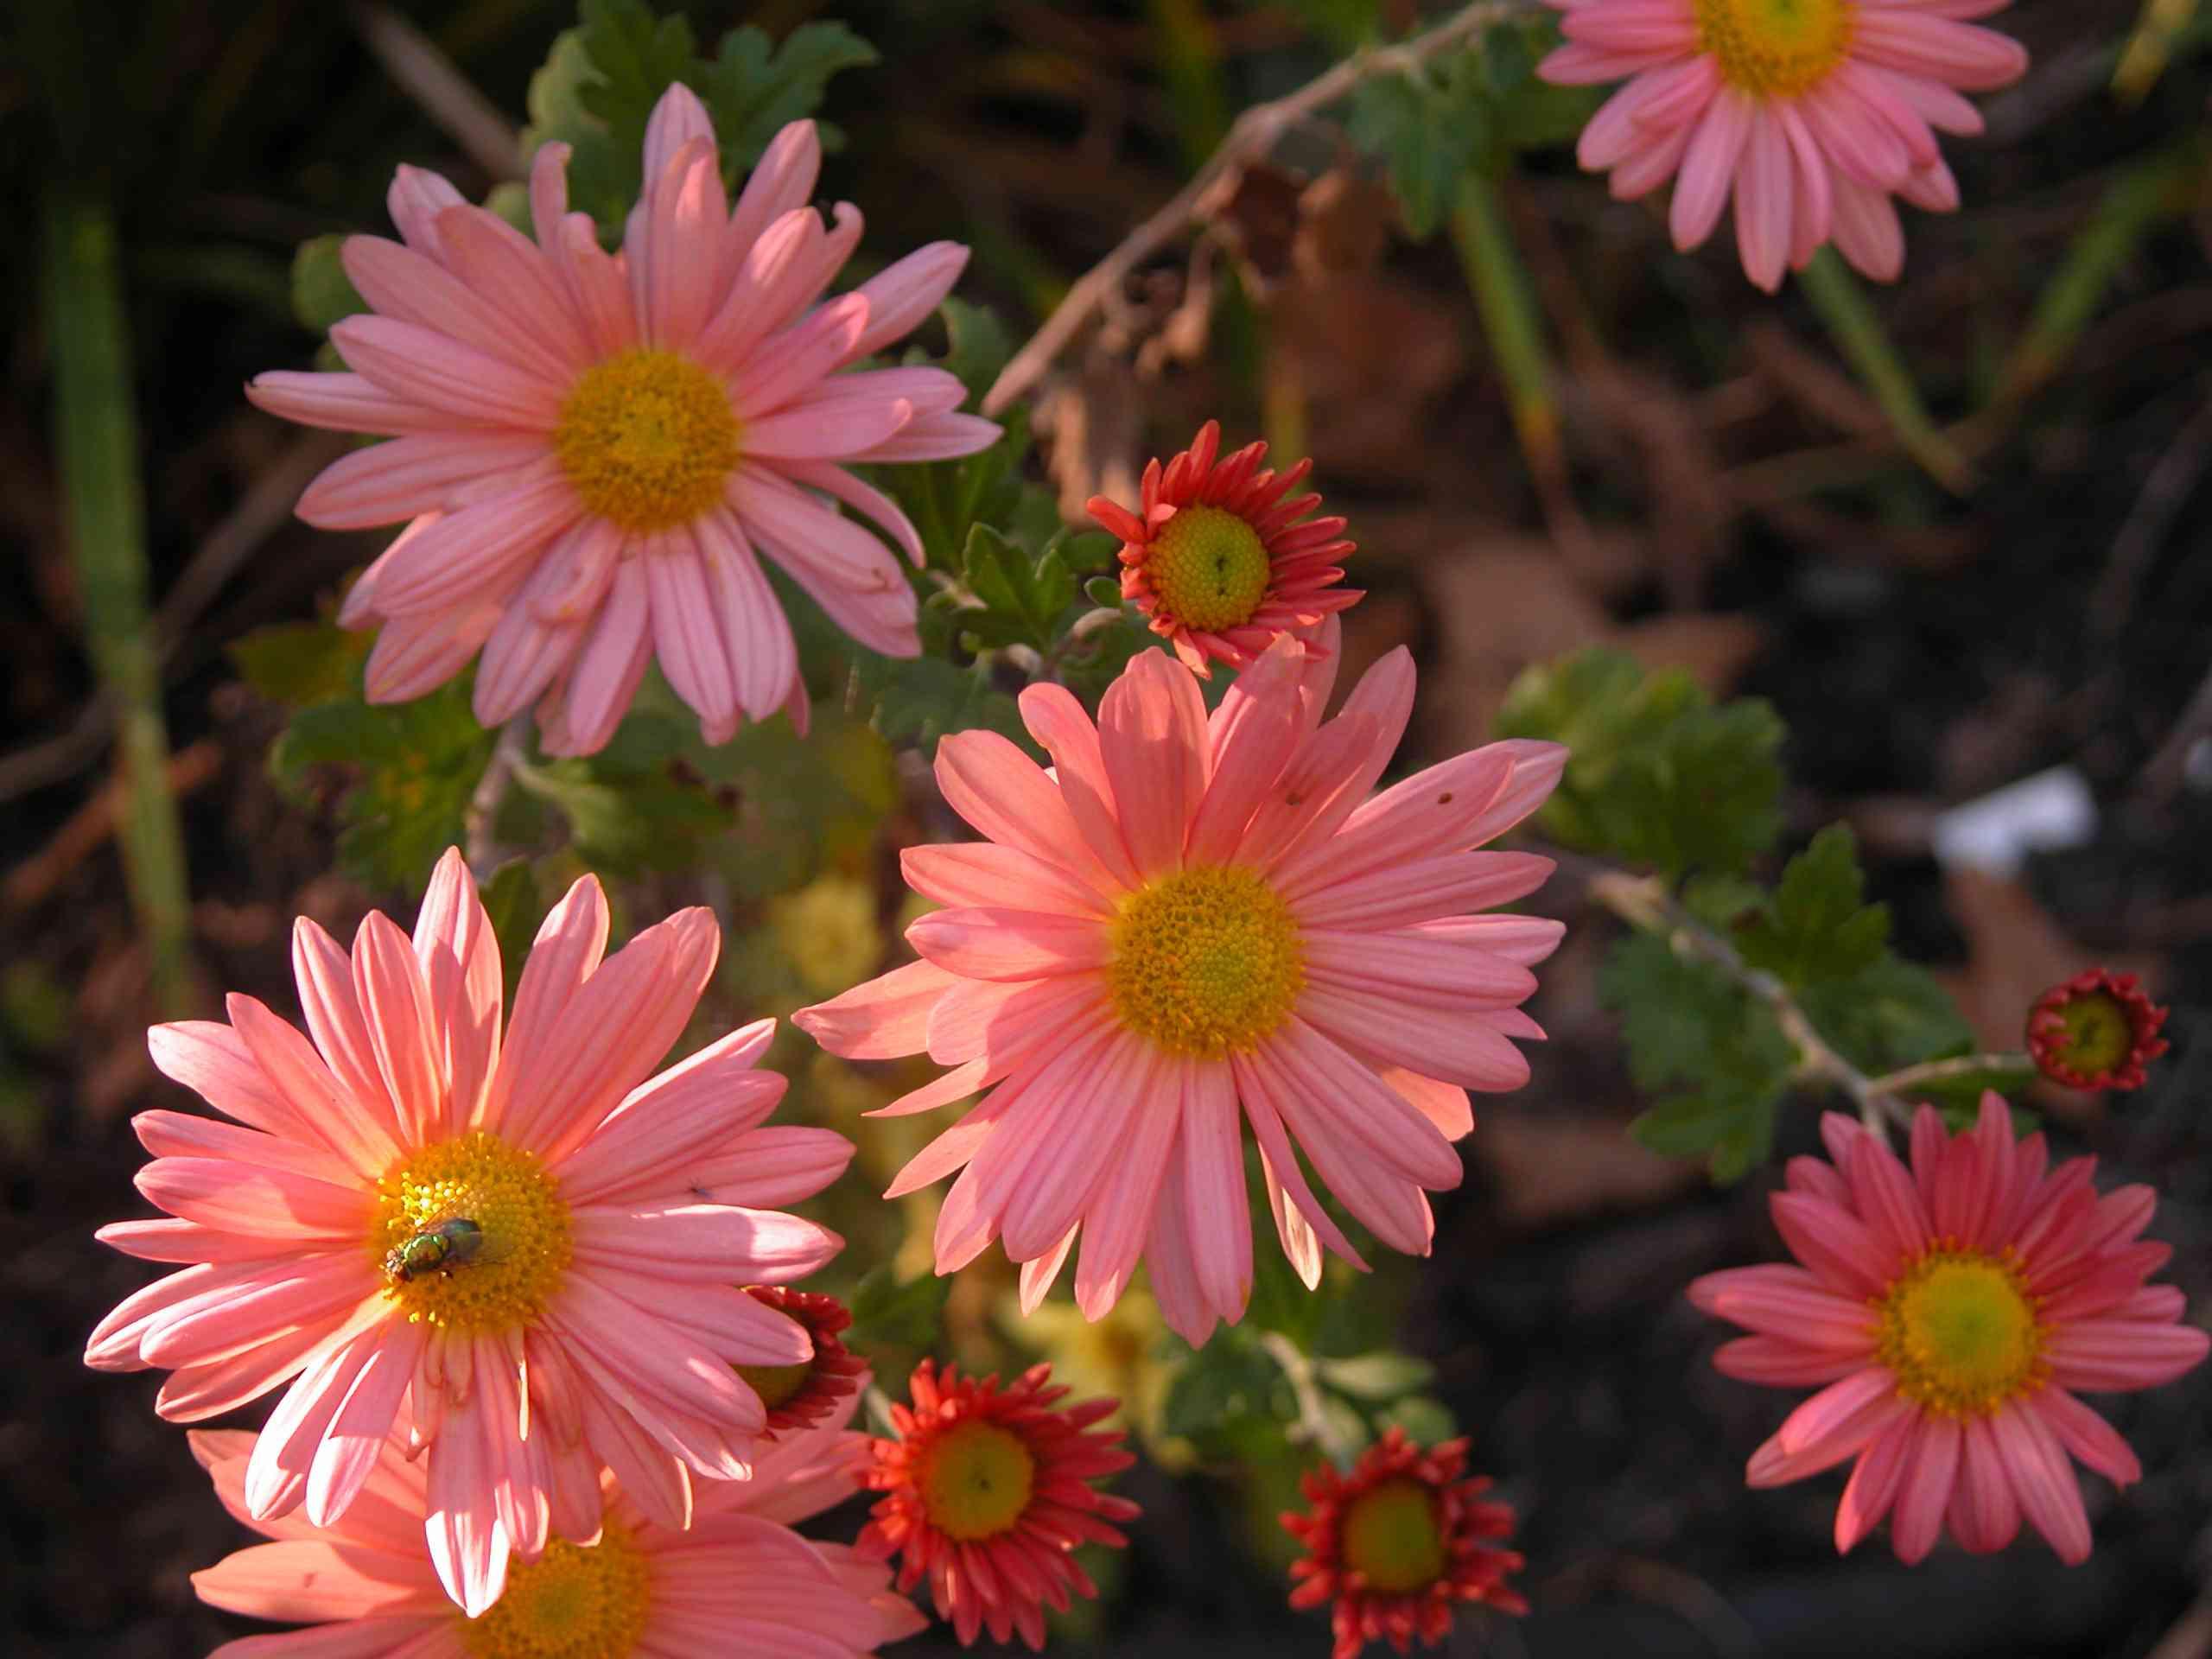 Daisy Type Garden Mum